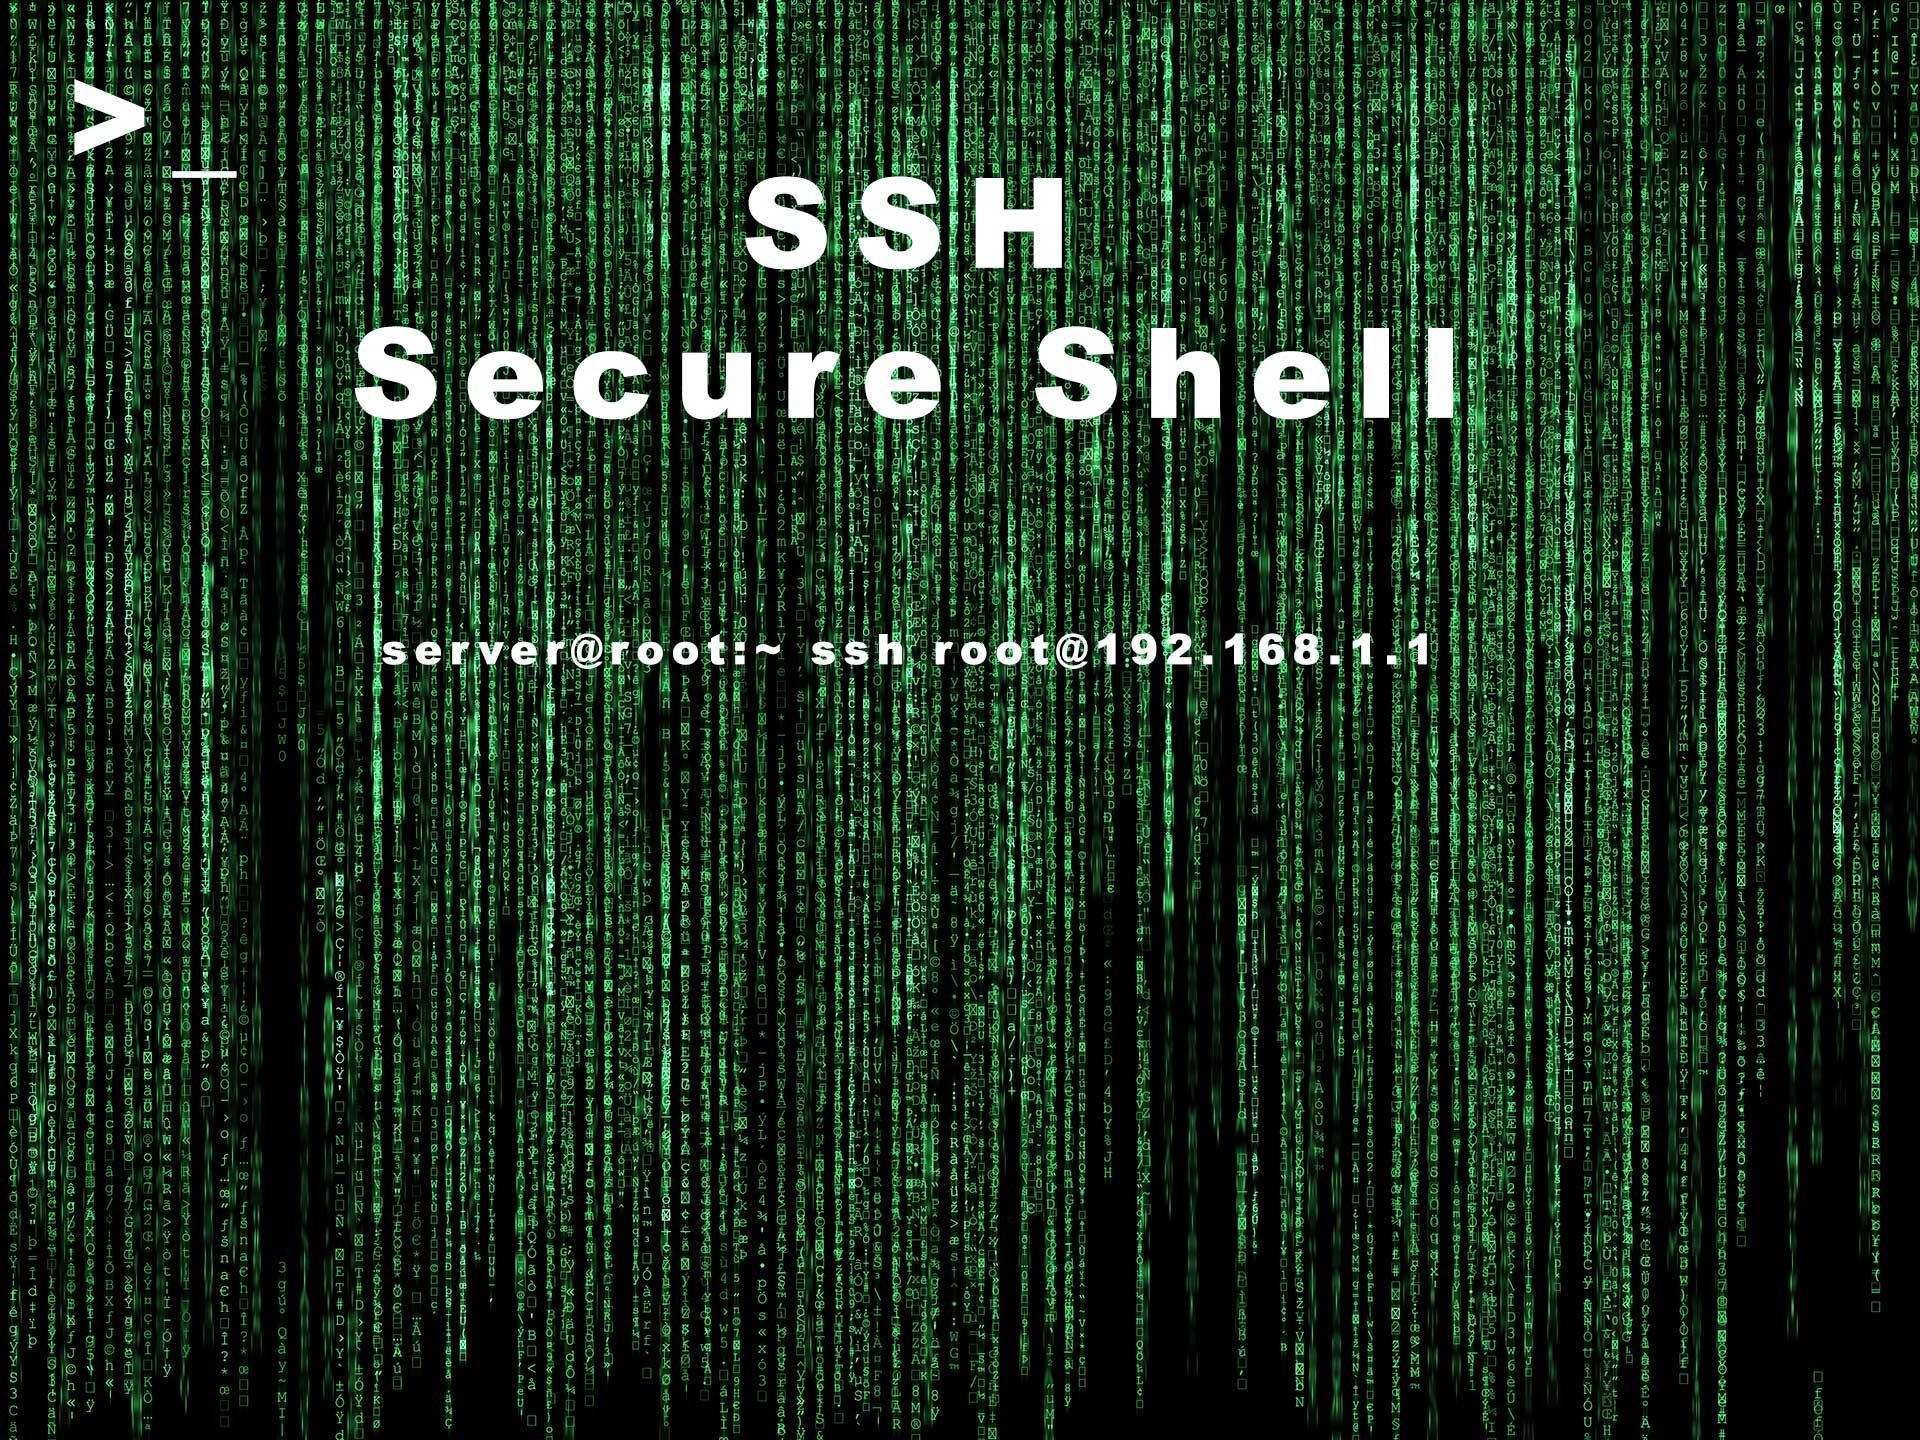 Comandos Básicos de SSH